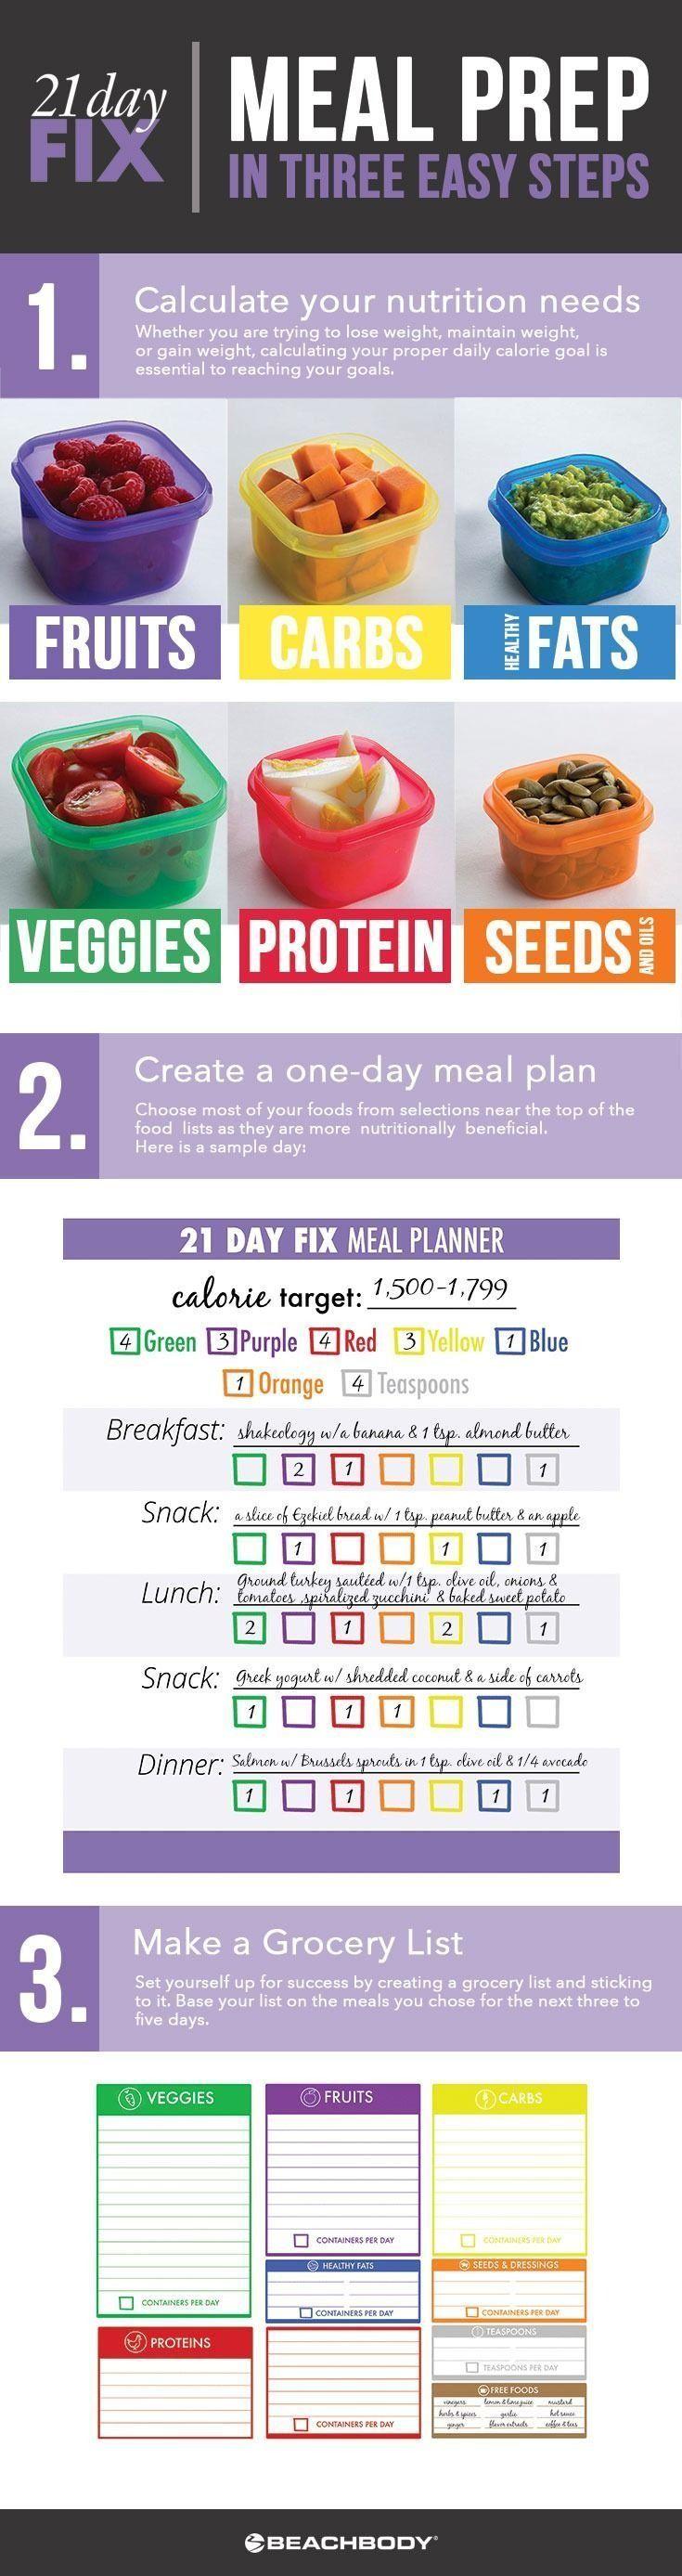 3 Schritte für eine erfolgreiche 21-tägige Mahlzeitenplanung